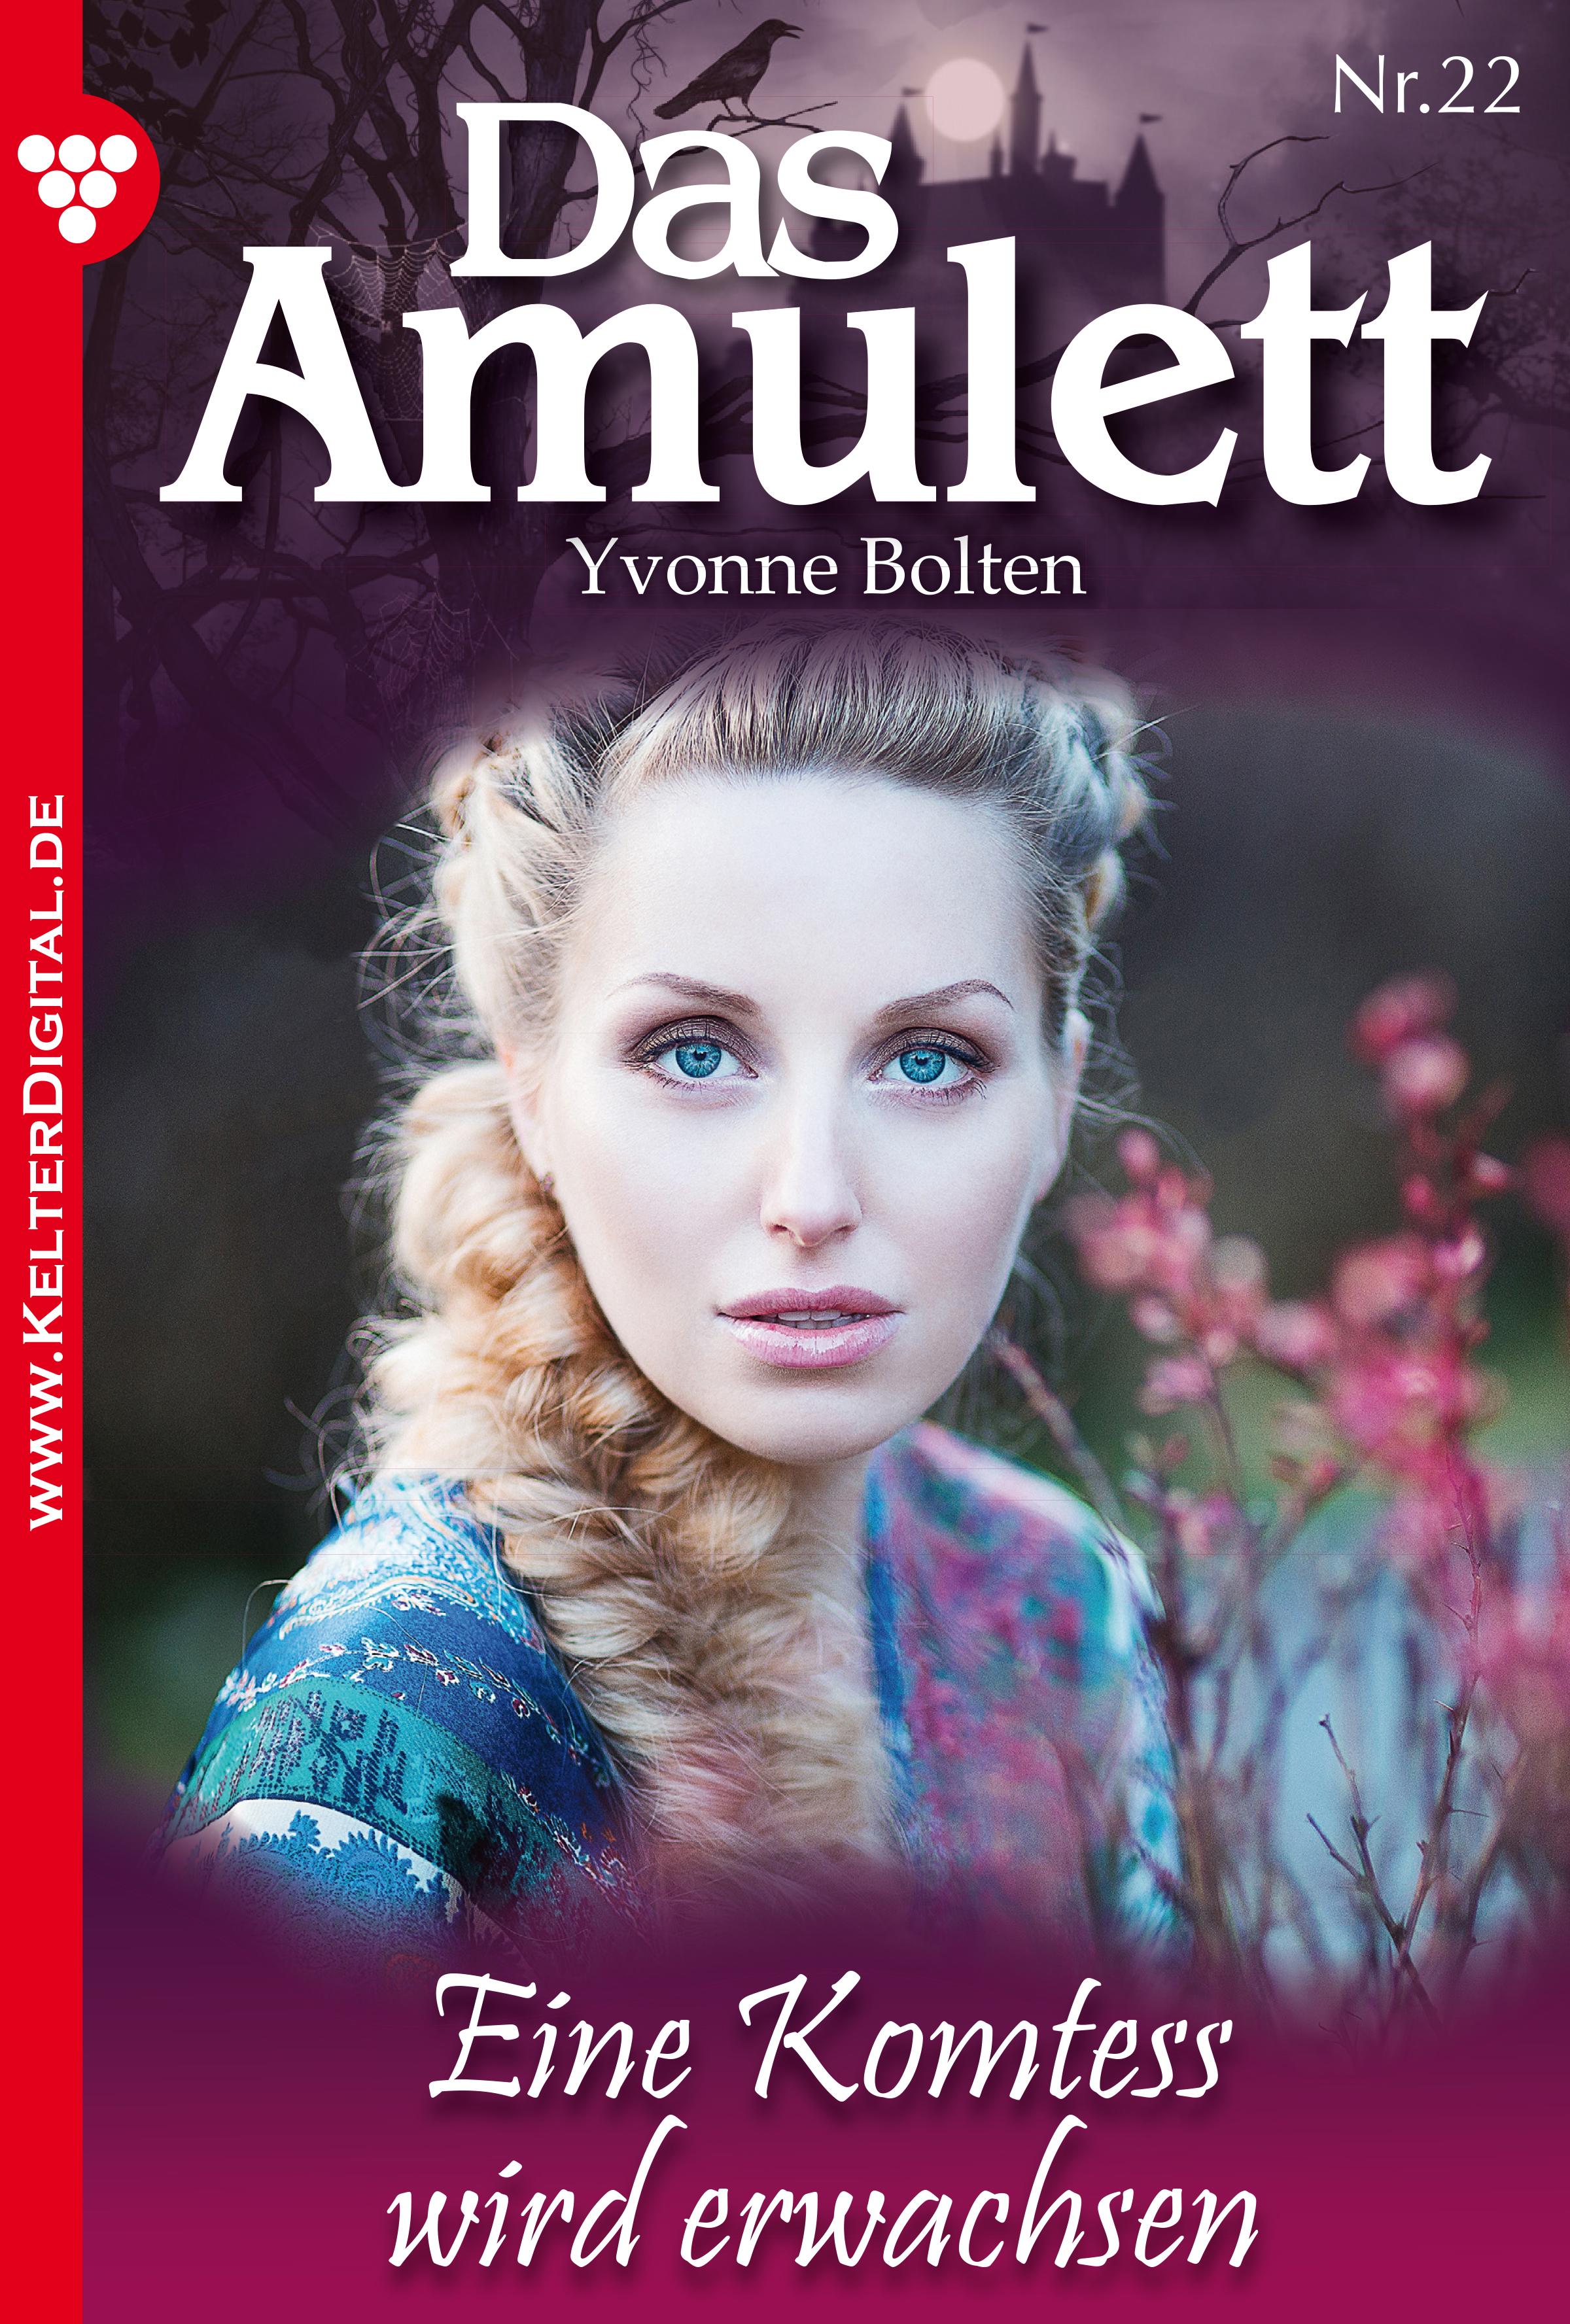 Yvonne Bolten Das Amulett 22 – Liebesroman yvonne 22 24 26